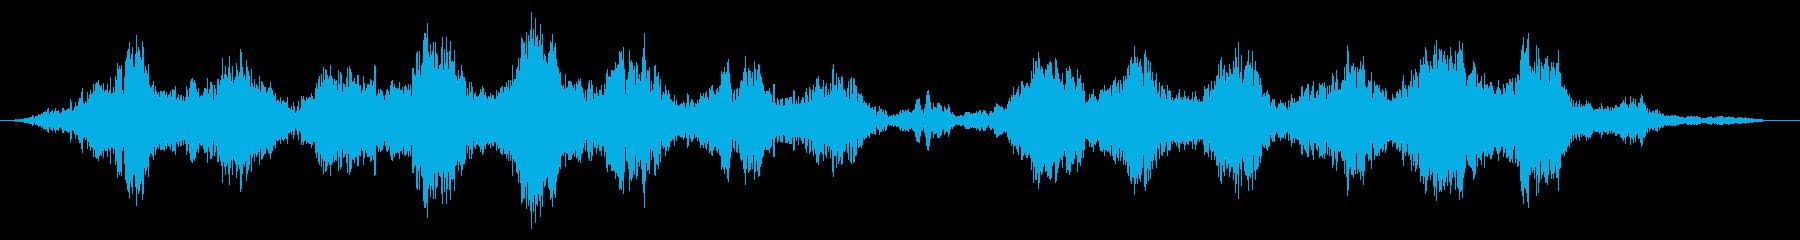 【ホラーゲーム】暗黒_02の再生済みの波形